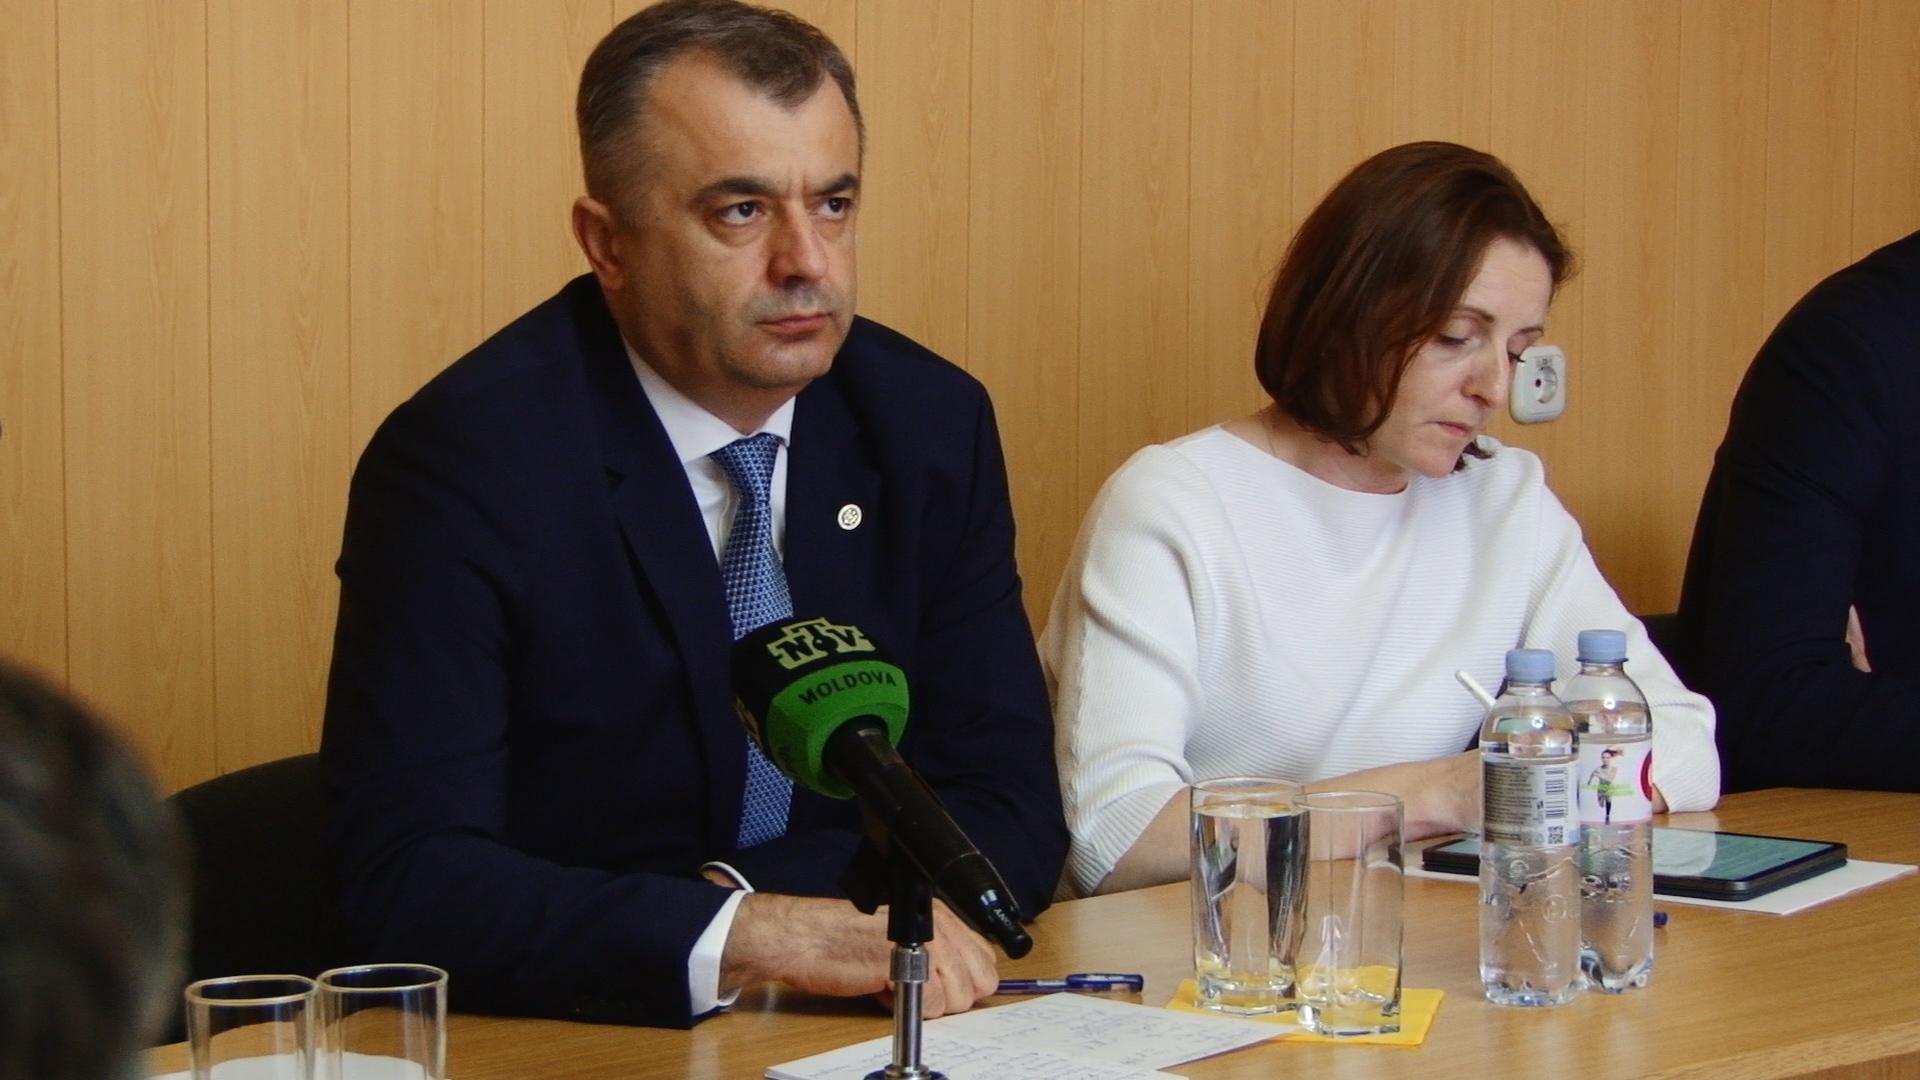 VIDEO | Spitalul Clinic Bălți are nevoie de 20 mln de euro și cadre medicale. Ion Chicu vrea să atragă specialiști prin programul Prima Casă